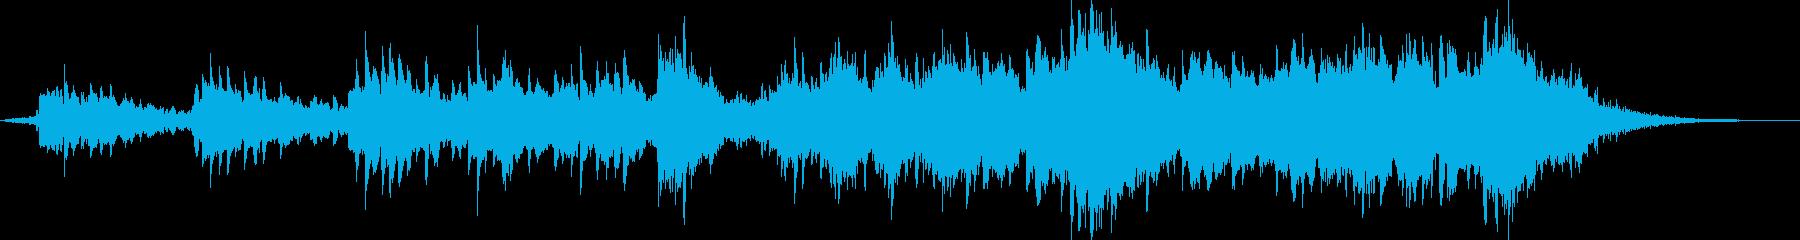 現代的 交響曲 ドラマチック ロマ...の再生済みの波形